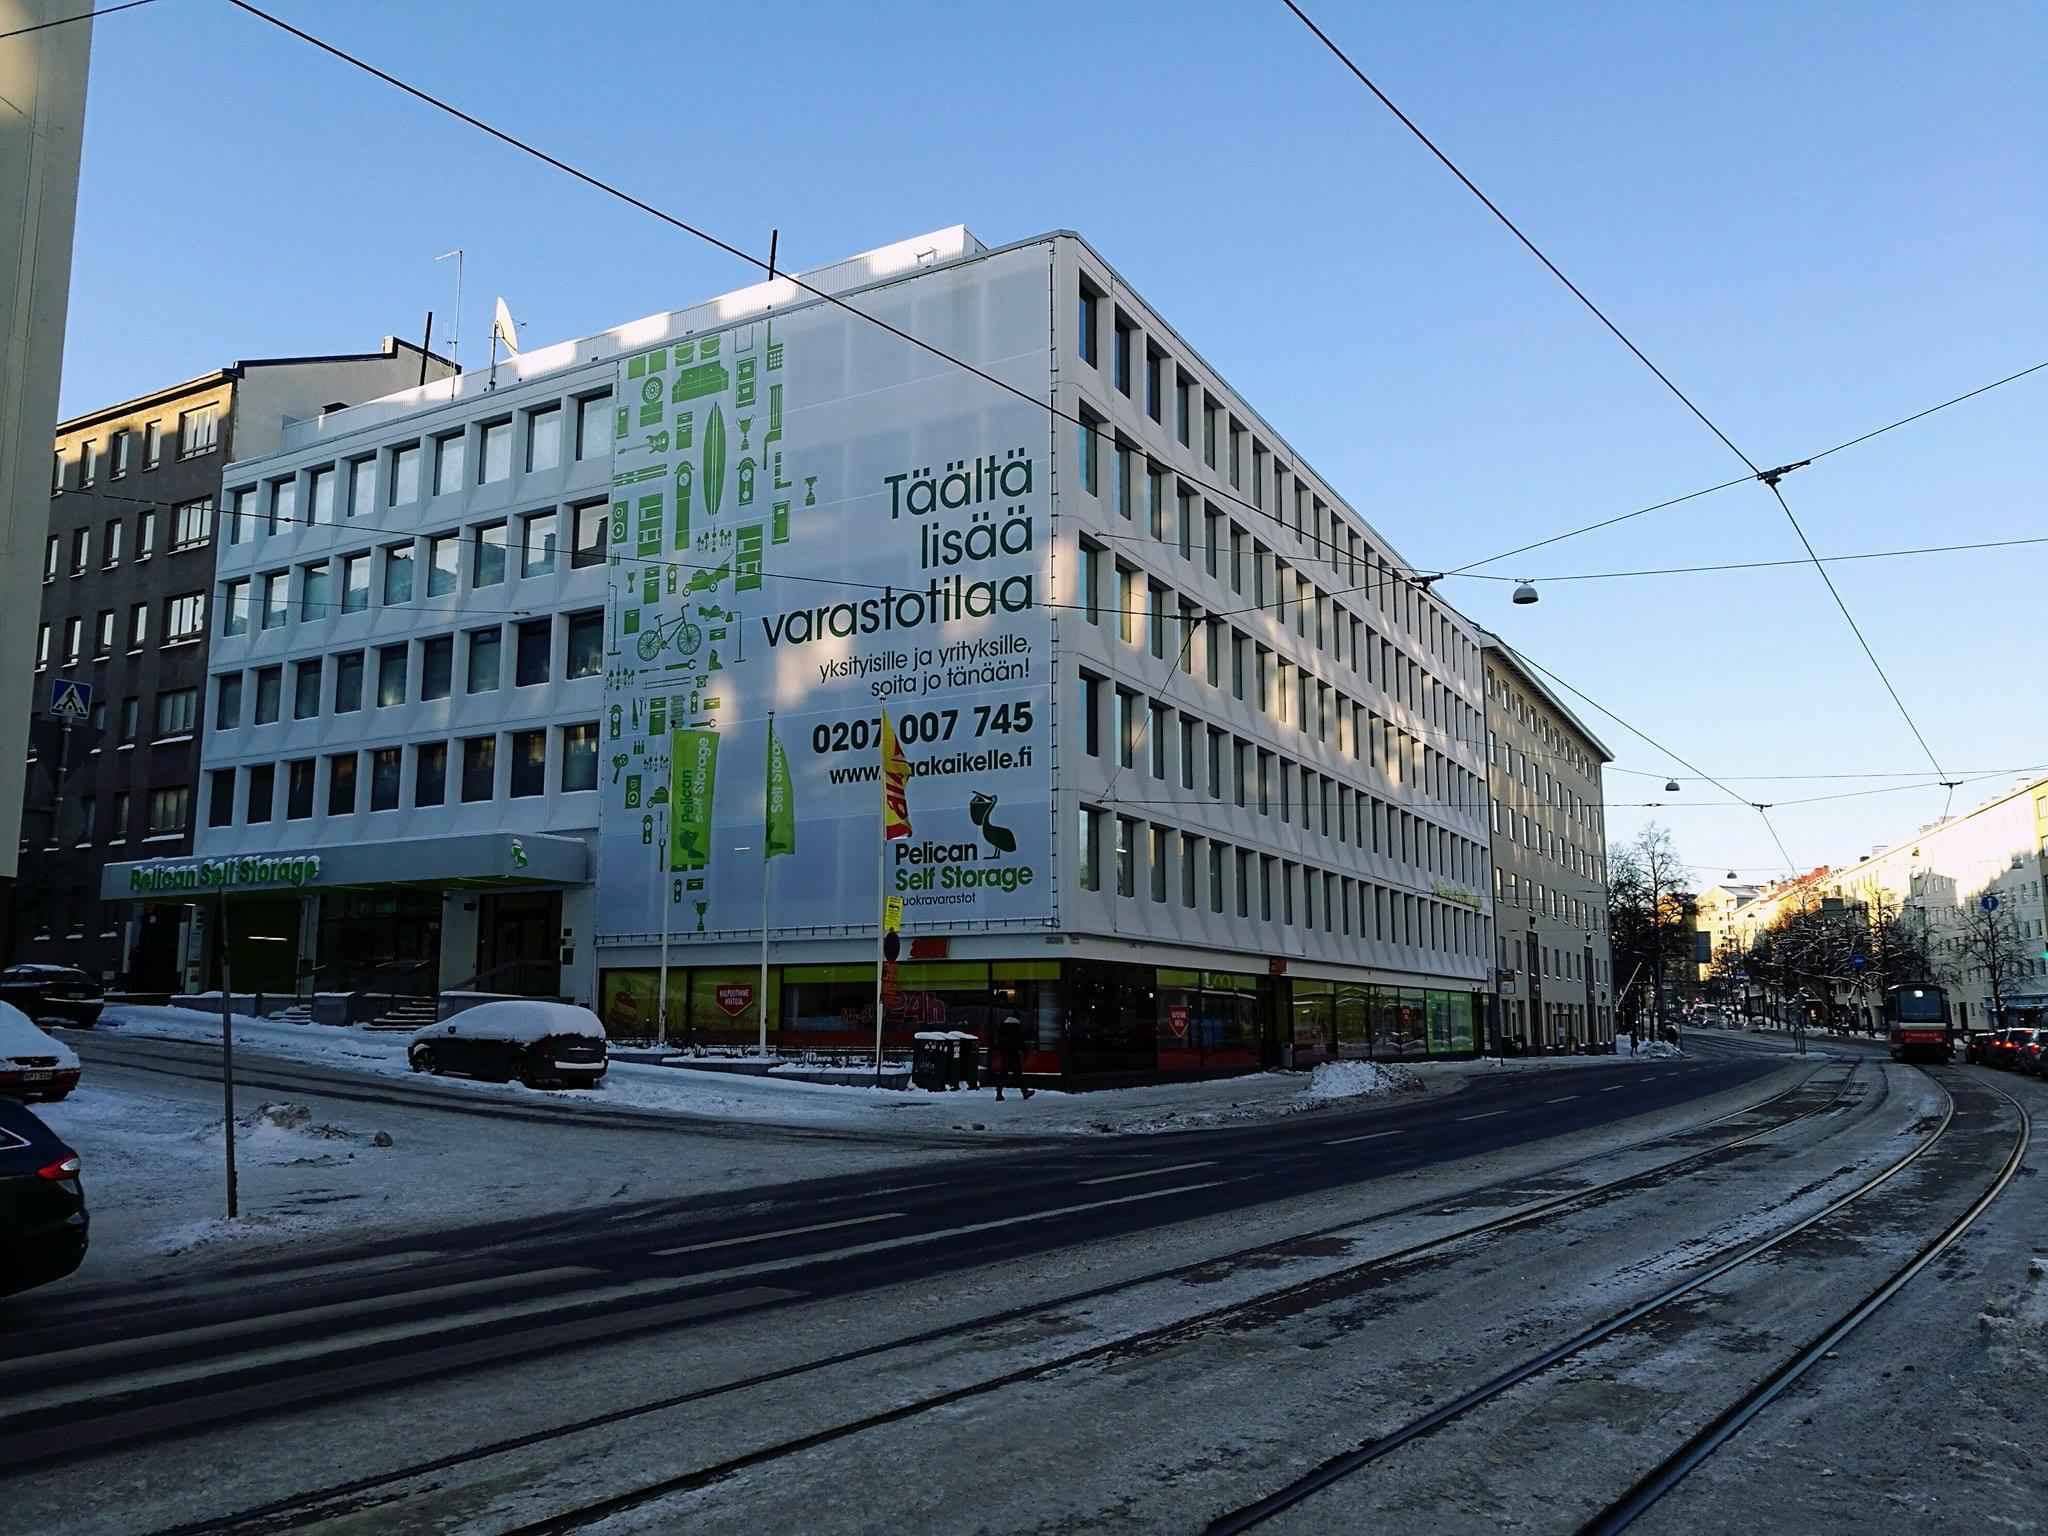 Toimitila, Mannerheimintie 102, Töölö, Helsinki